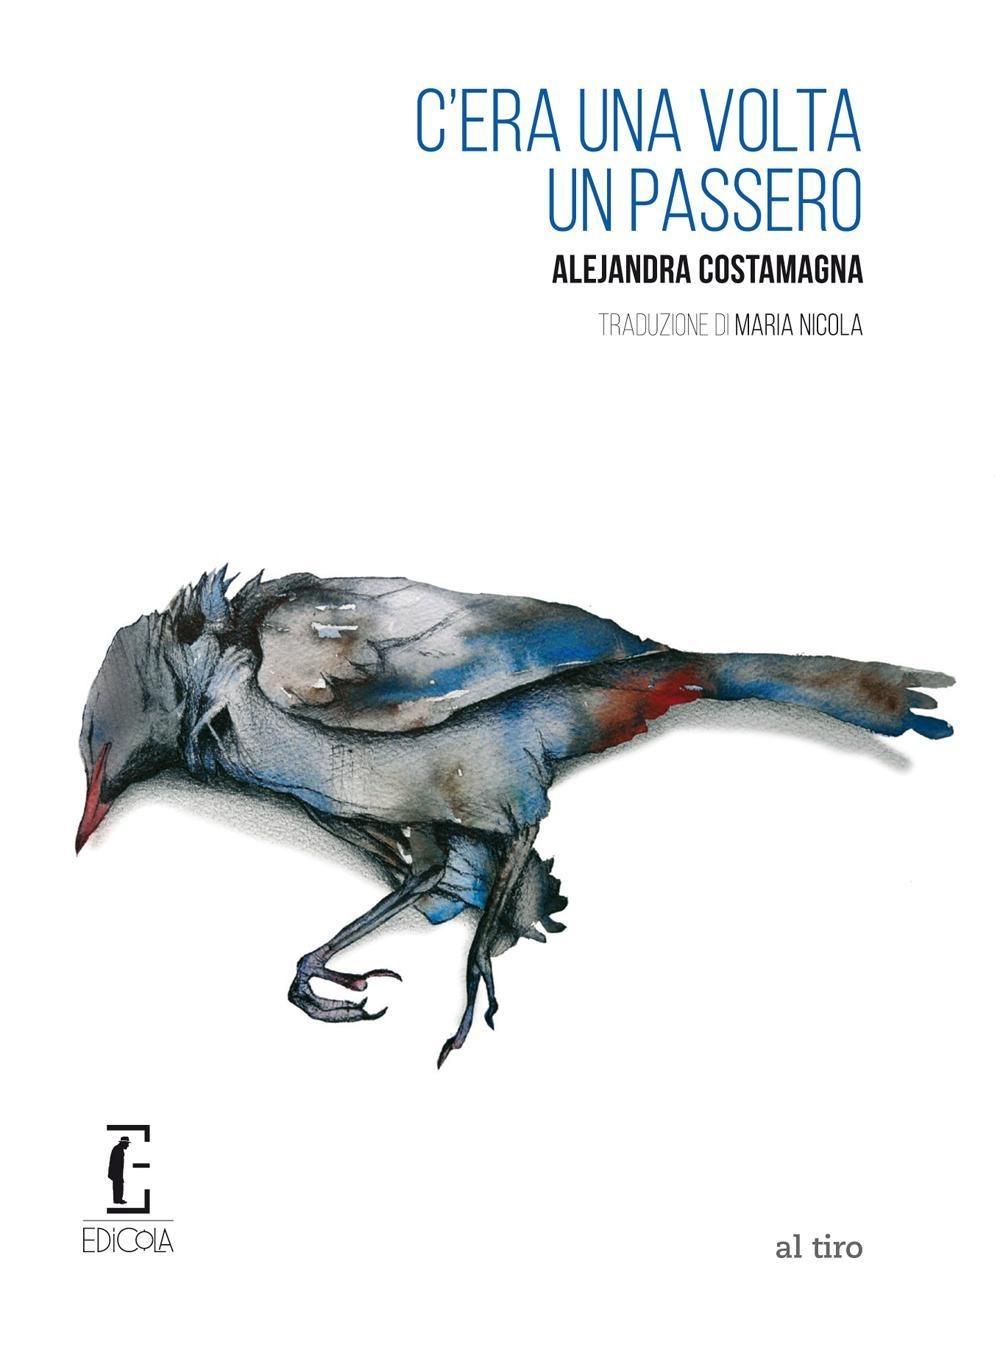 Image of C'era una volta un passero